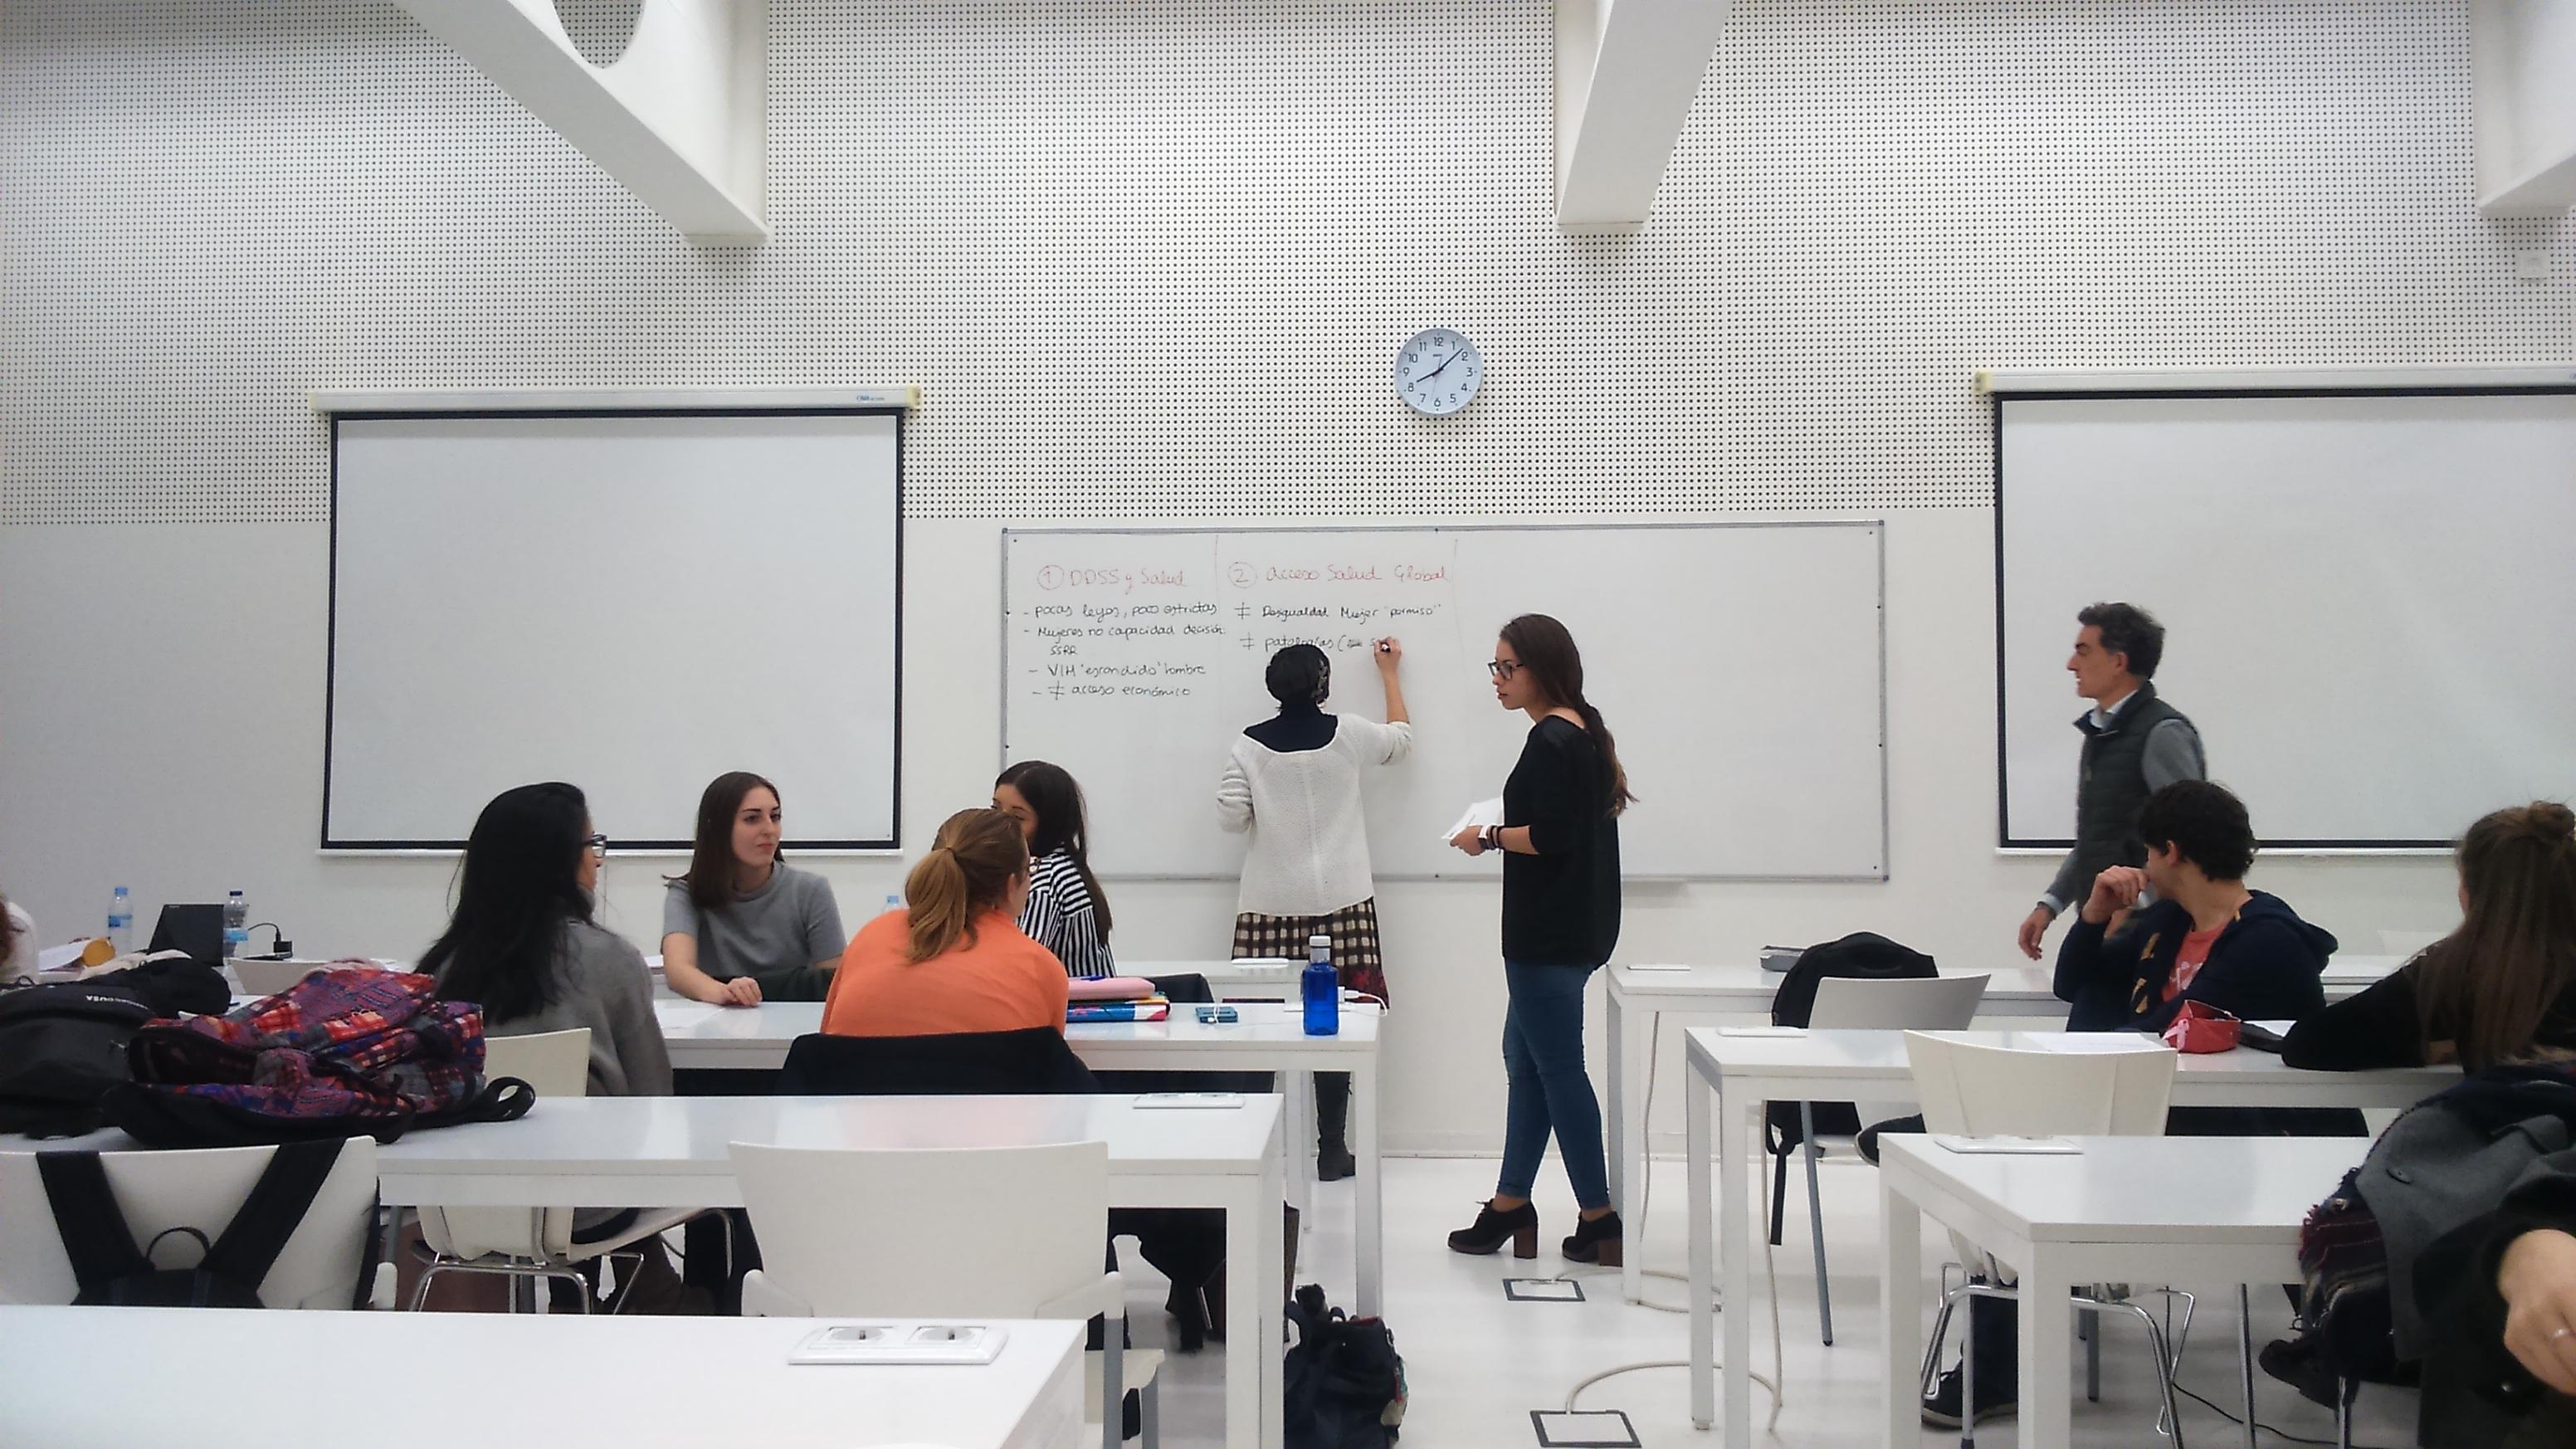 Facilitamos a la comunidad educativa de Zaragoza materiales para sensibilizar